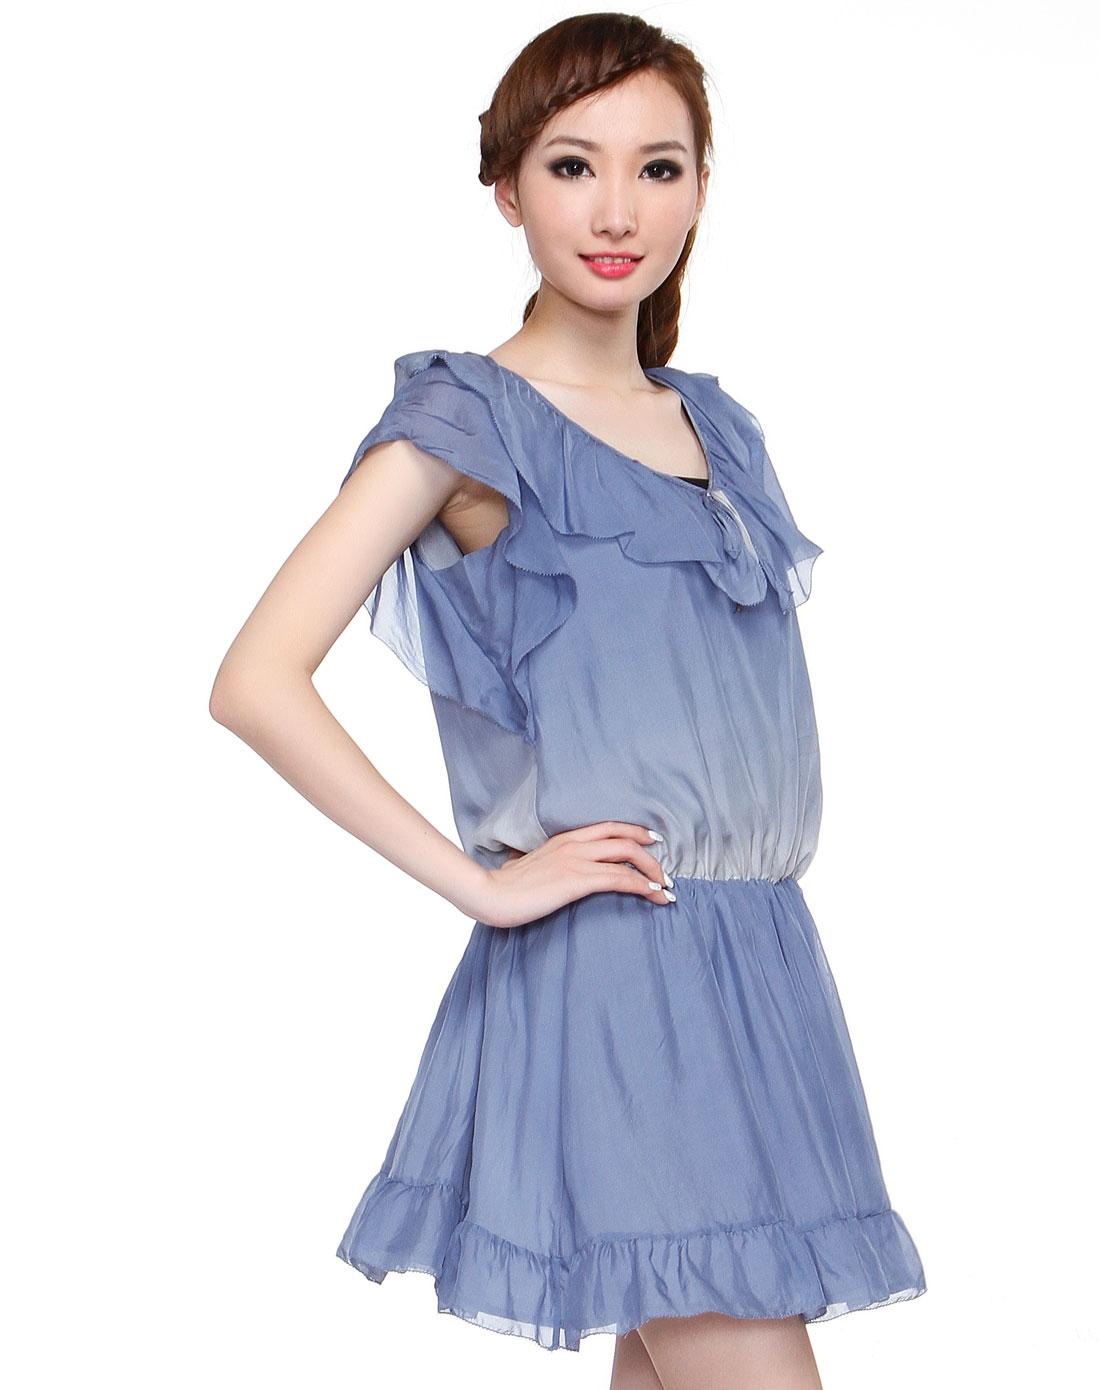 浅蓝色渐变简约盖肩袖连衣裙